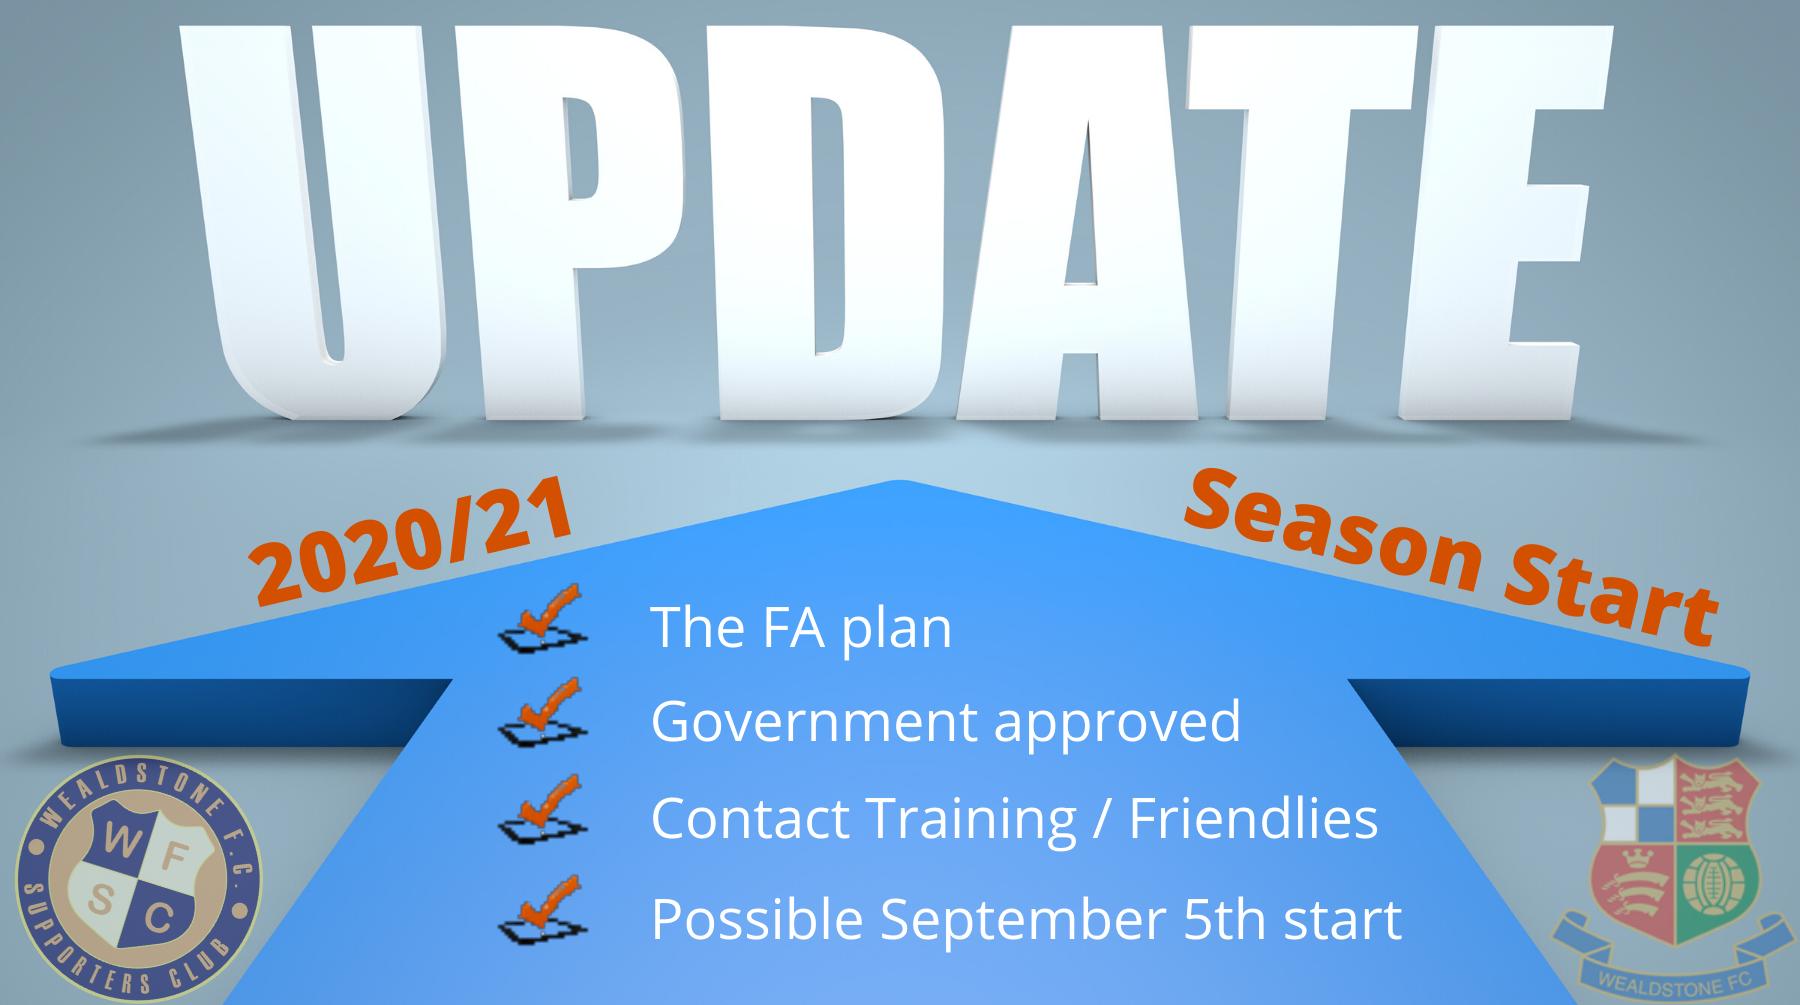 Wealdstone FC Season Start Update